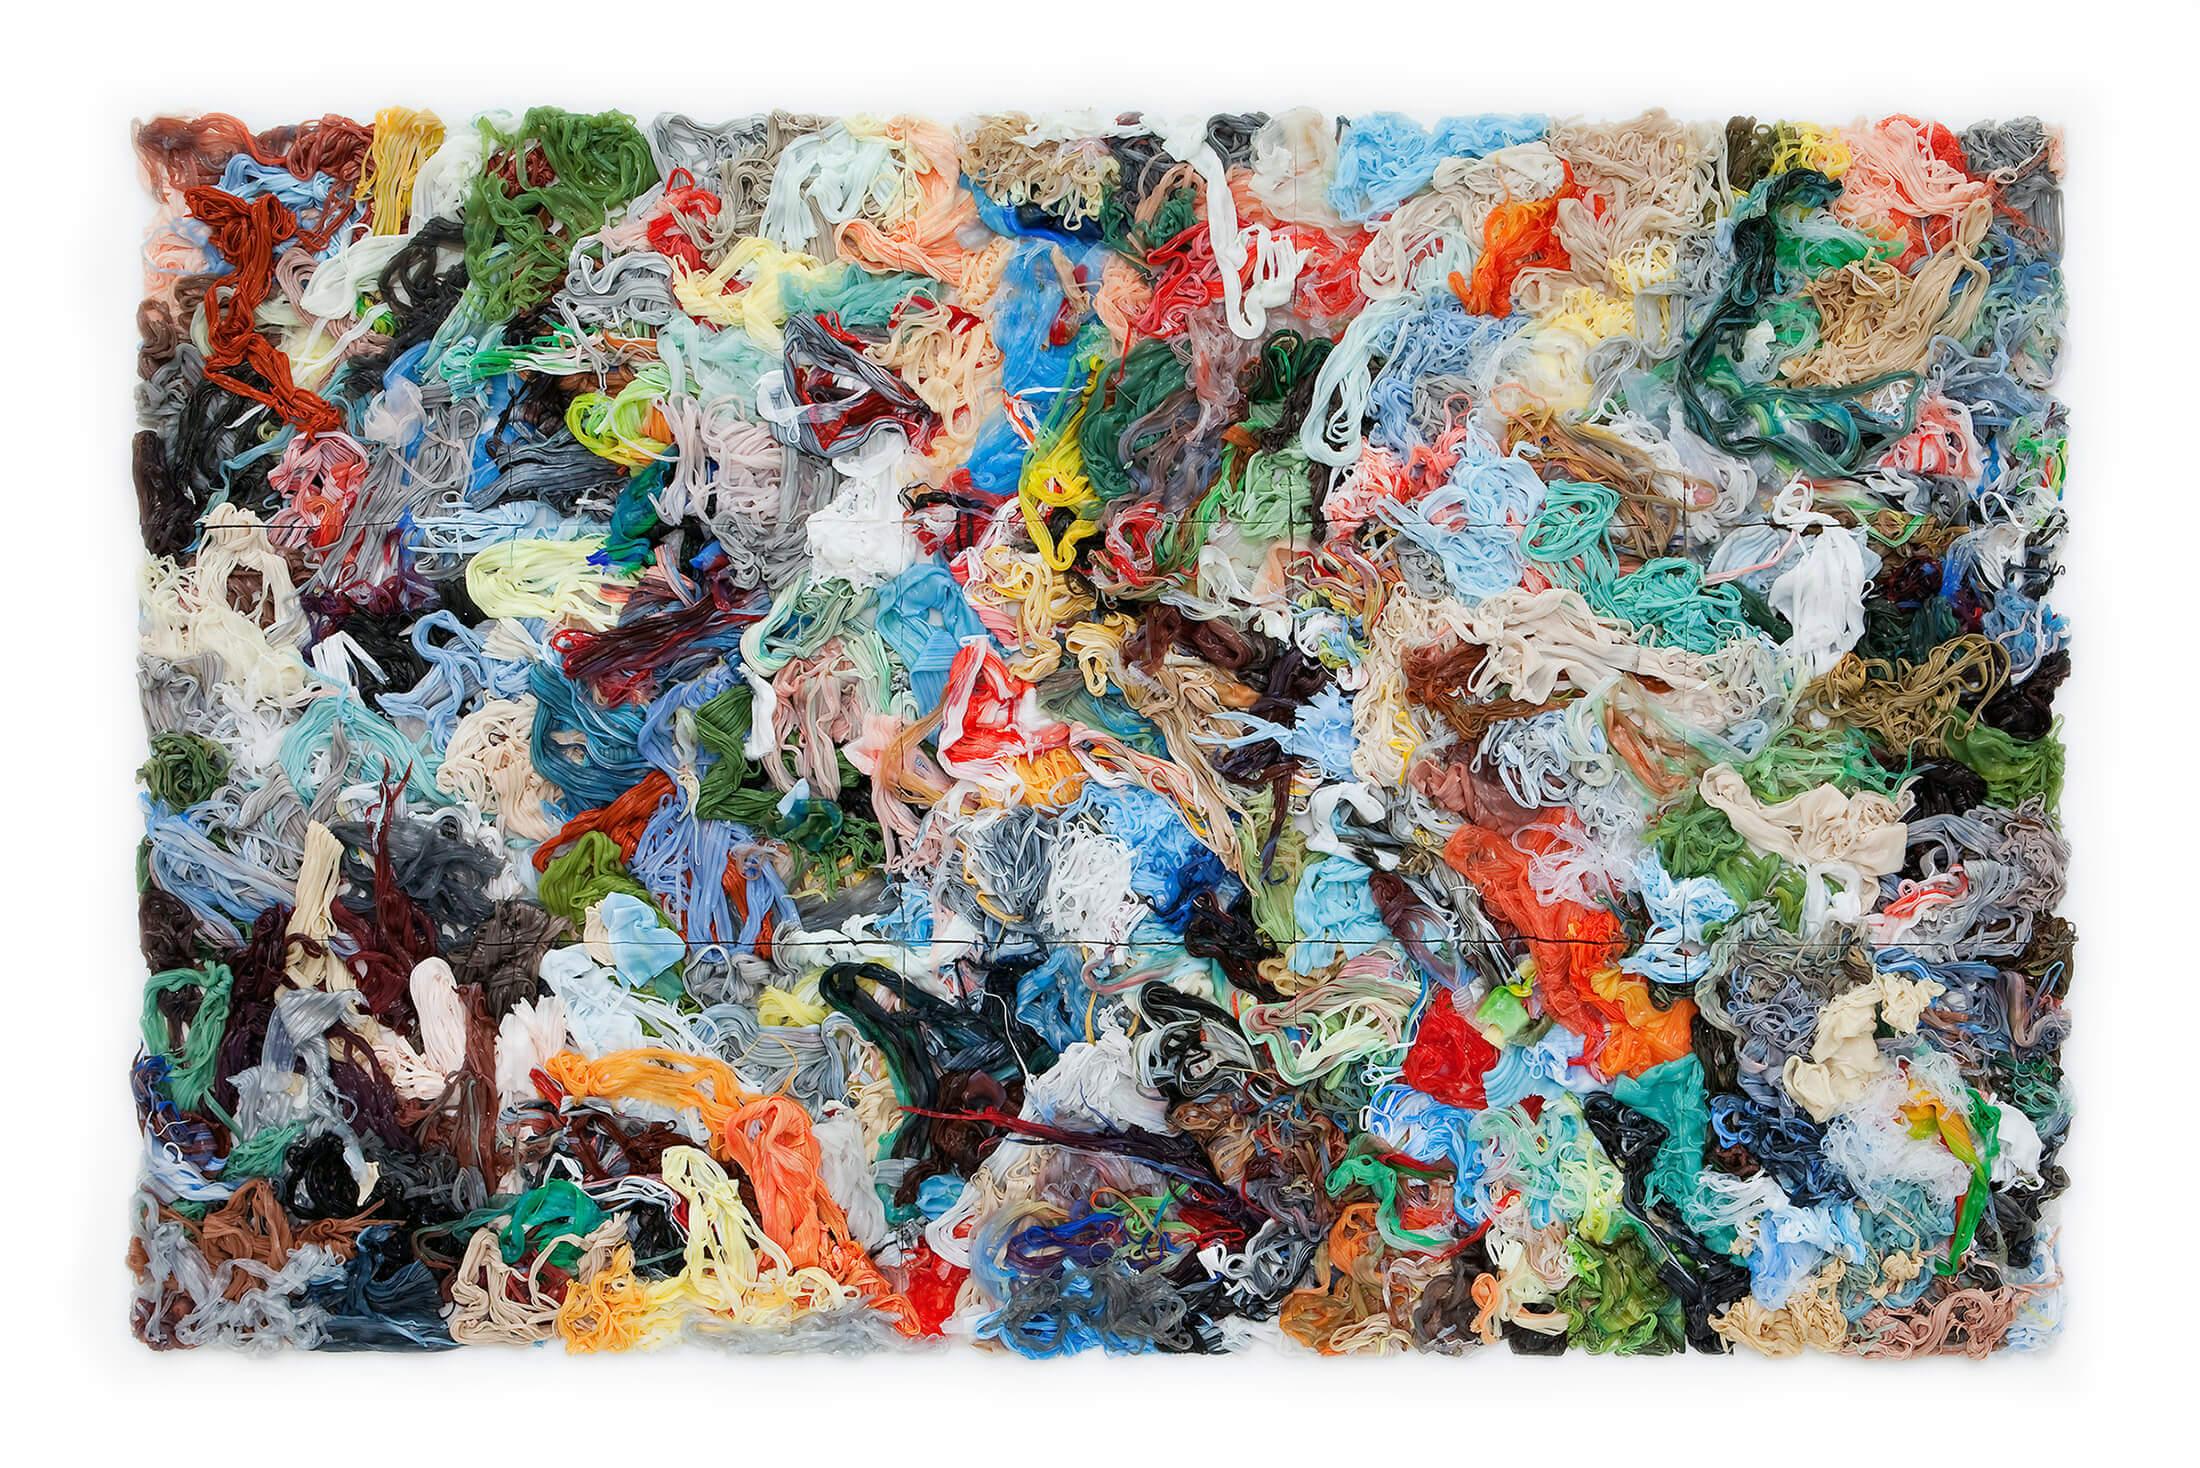 #934 (Wide Quindecaplet), 2009